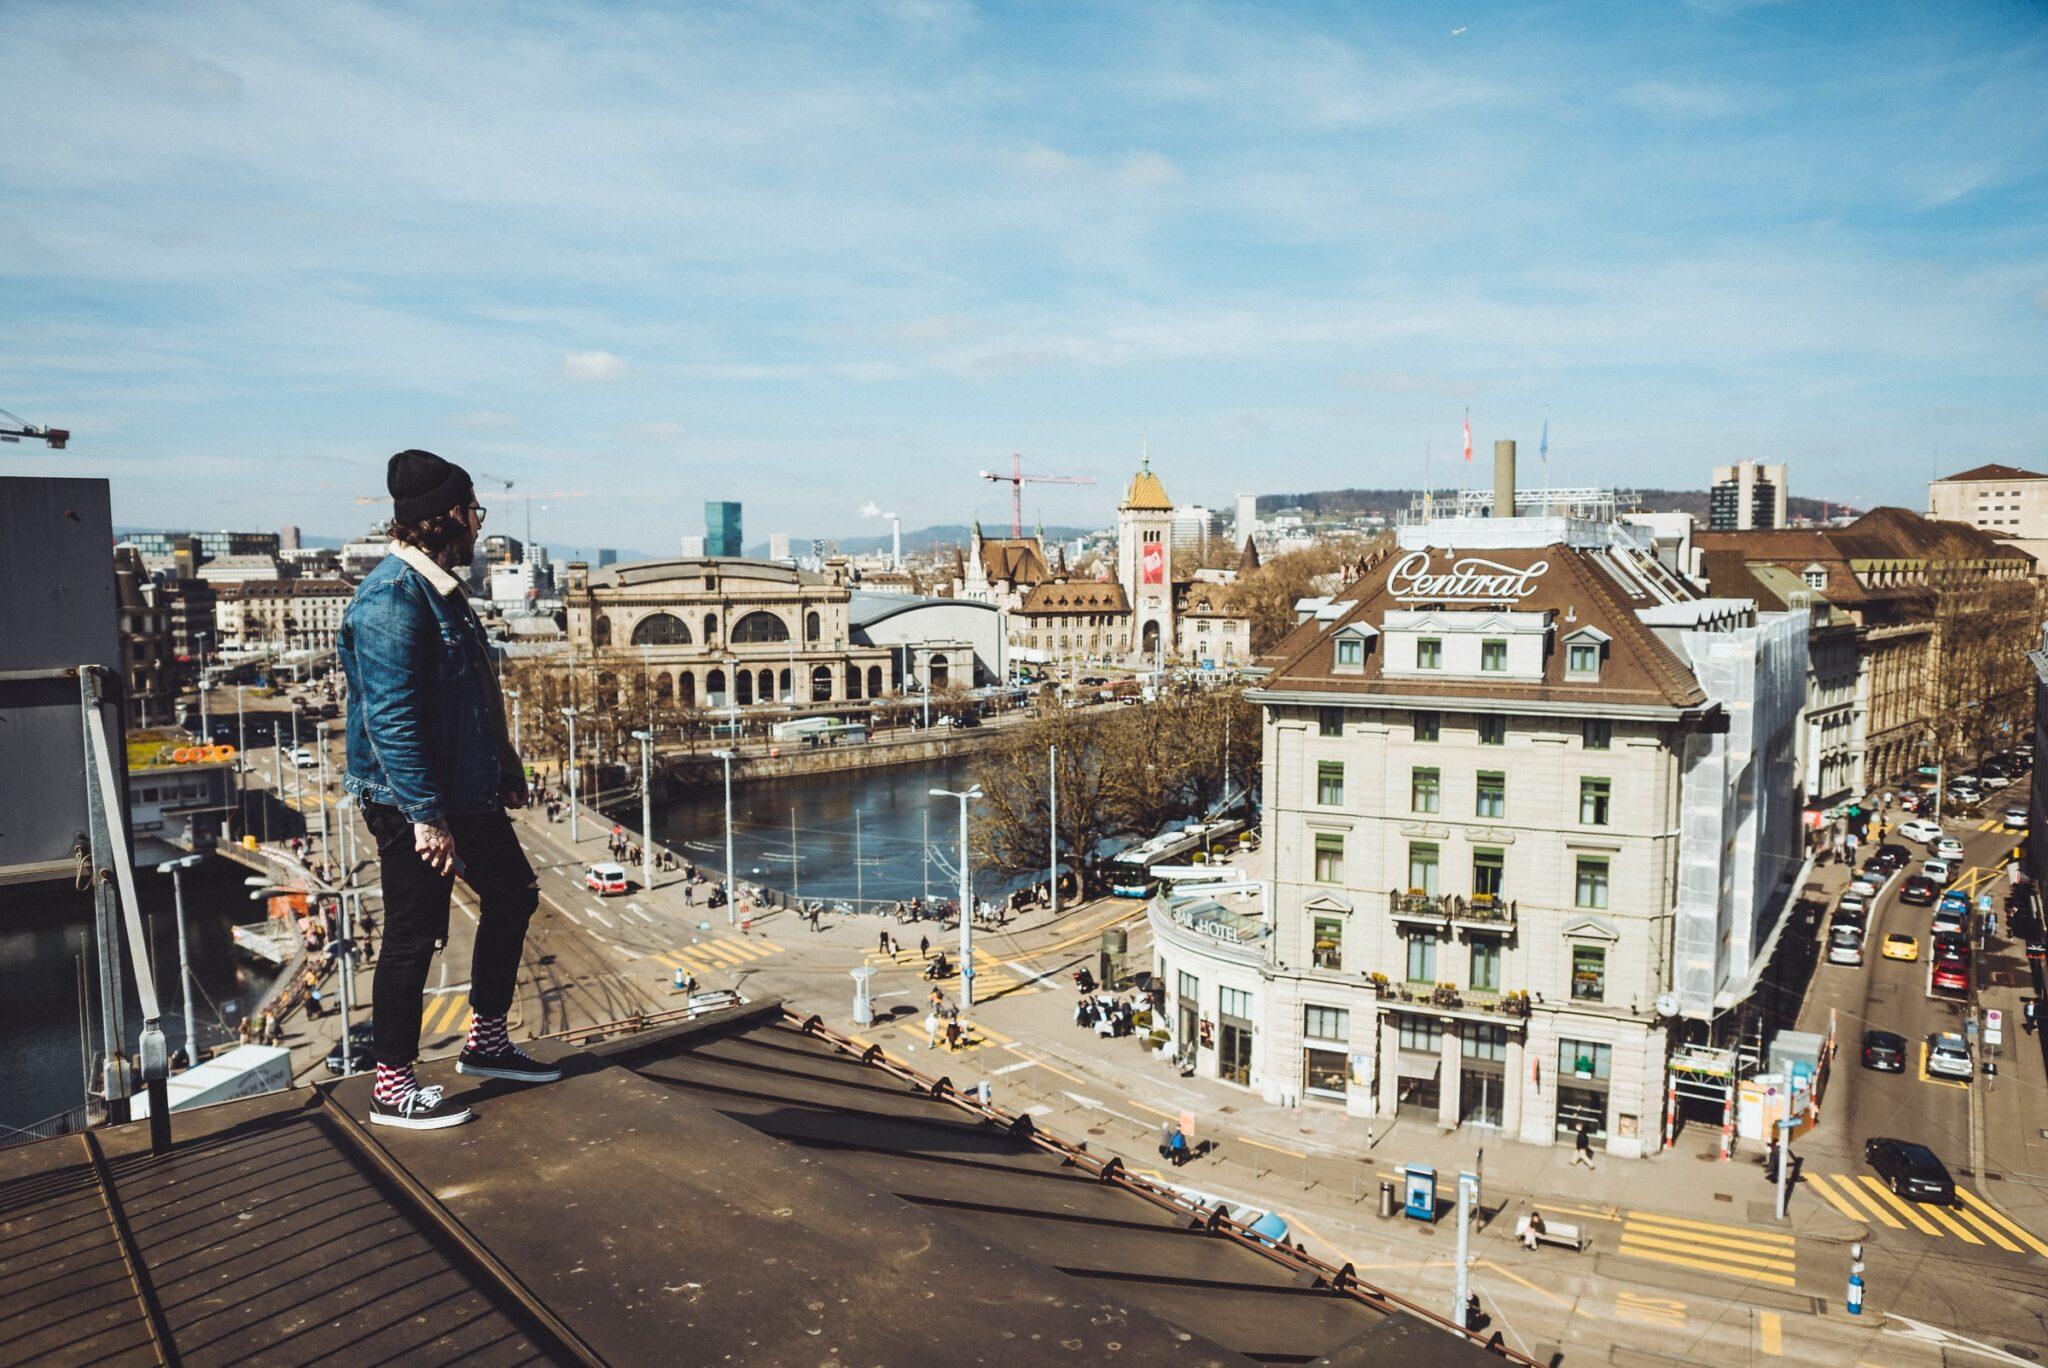 Ein Mann steht auf einem Dach in Zürich